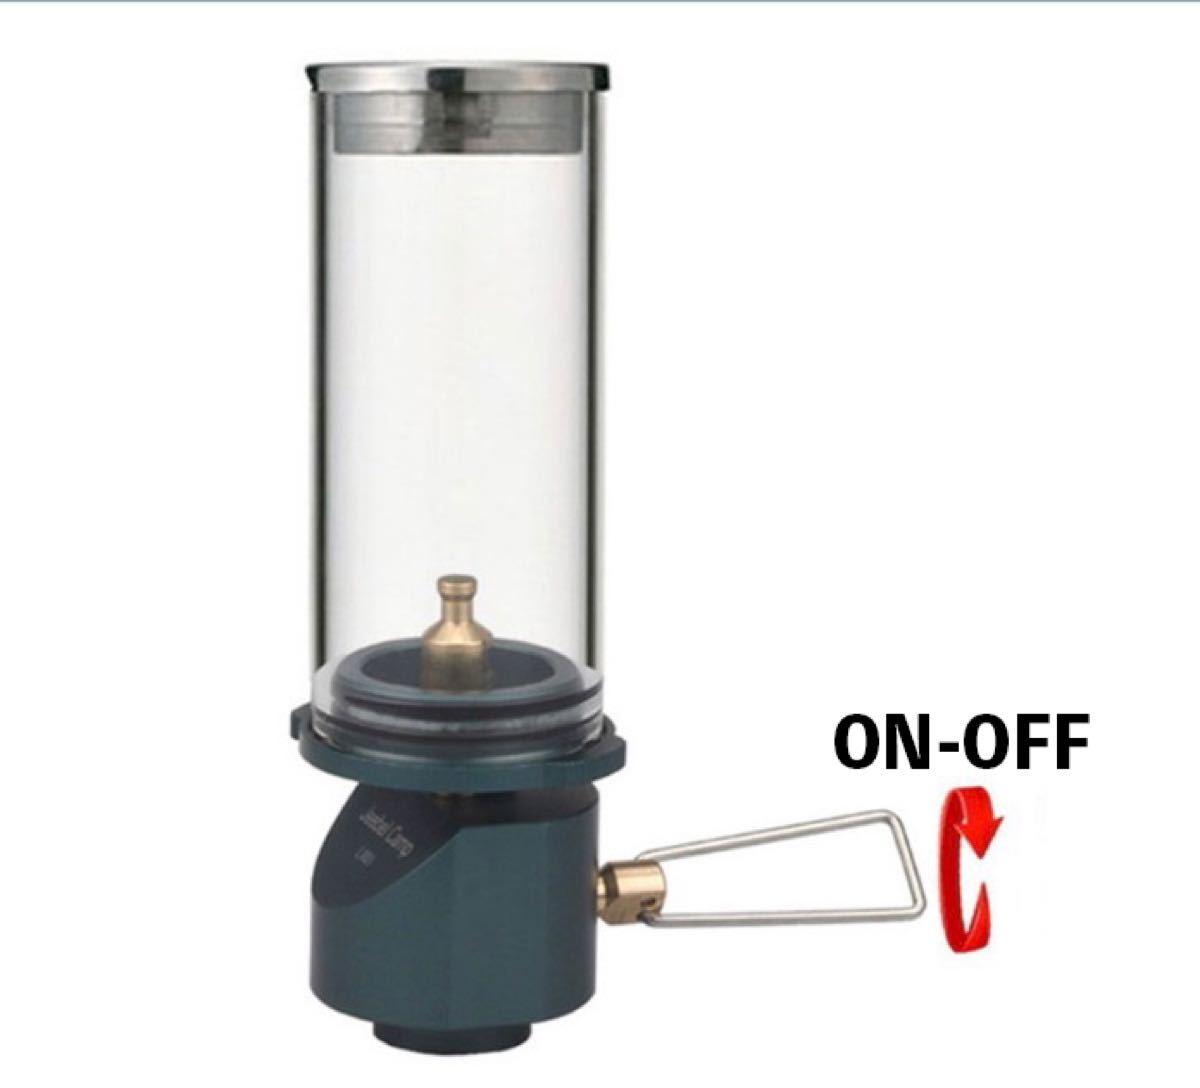 アウトドア ガスランタンJBL-L001Gree ガスキャンドル・ライト・ランプ